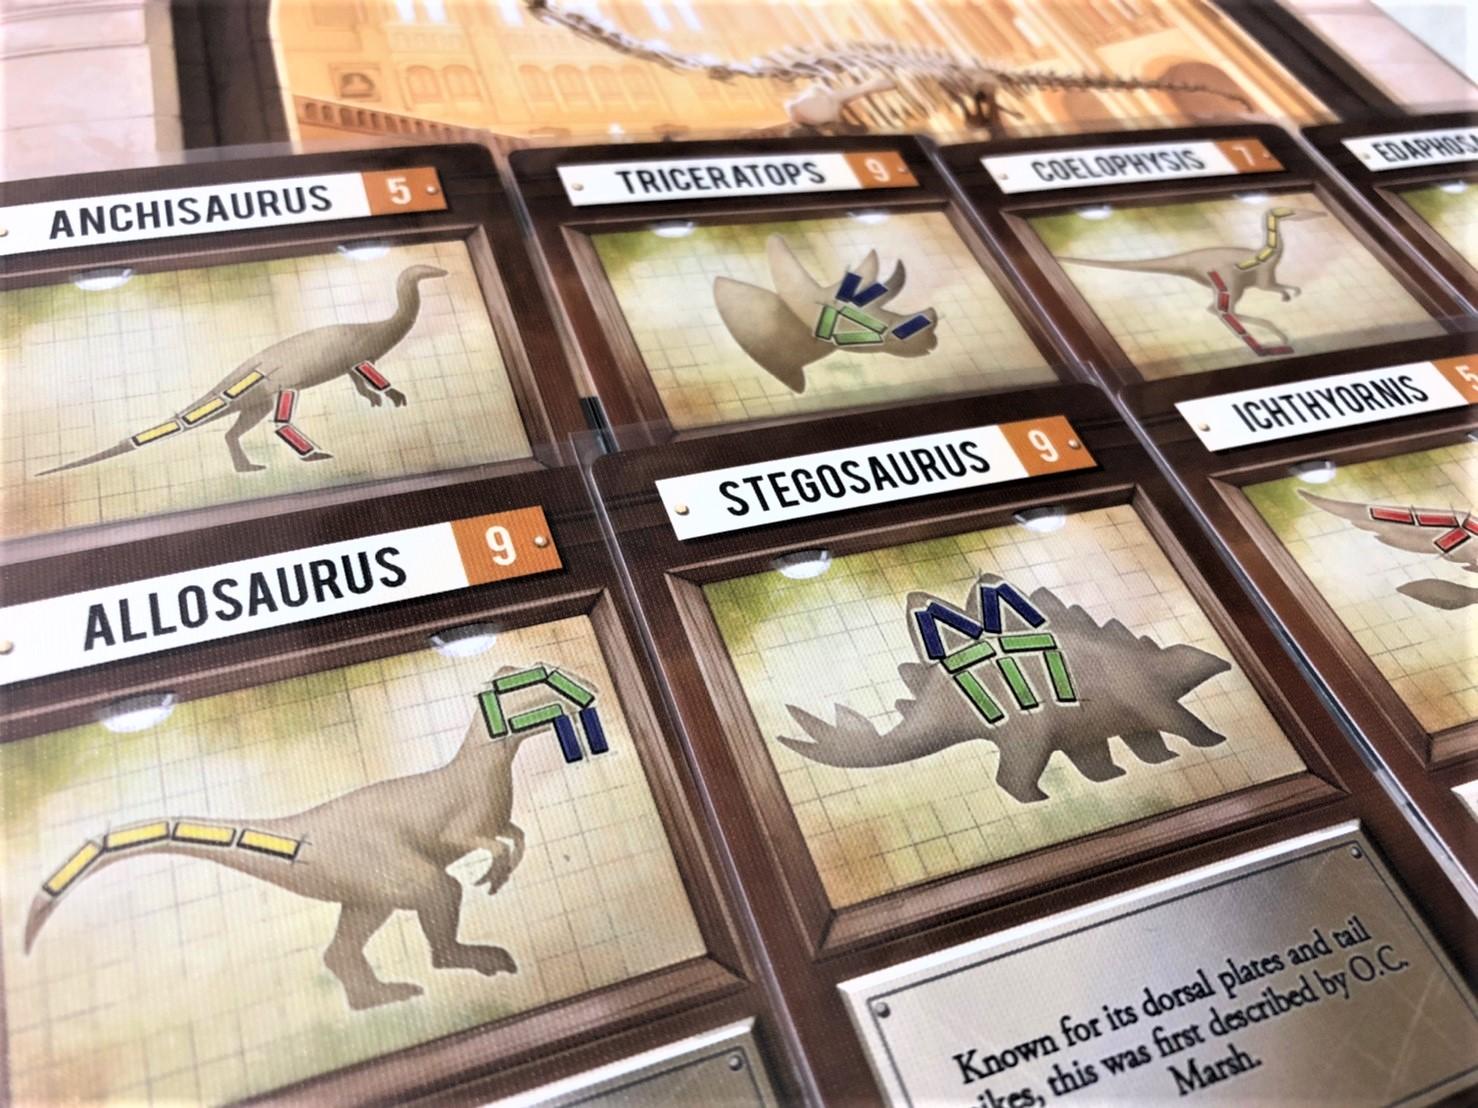 「グレート・ダイナソー・ラッシュ」(The Great Dinosaur Rush)の恐竜カード